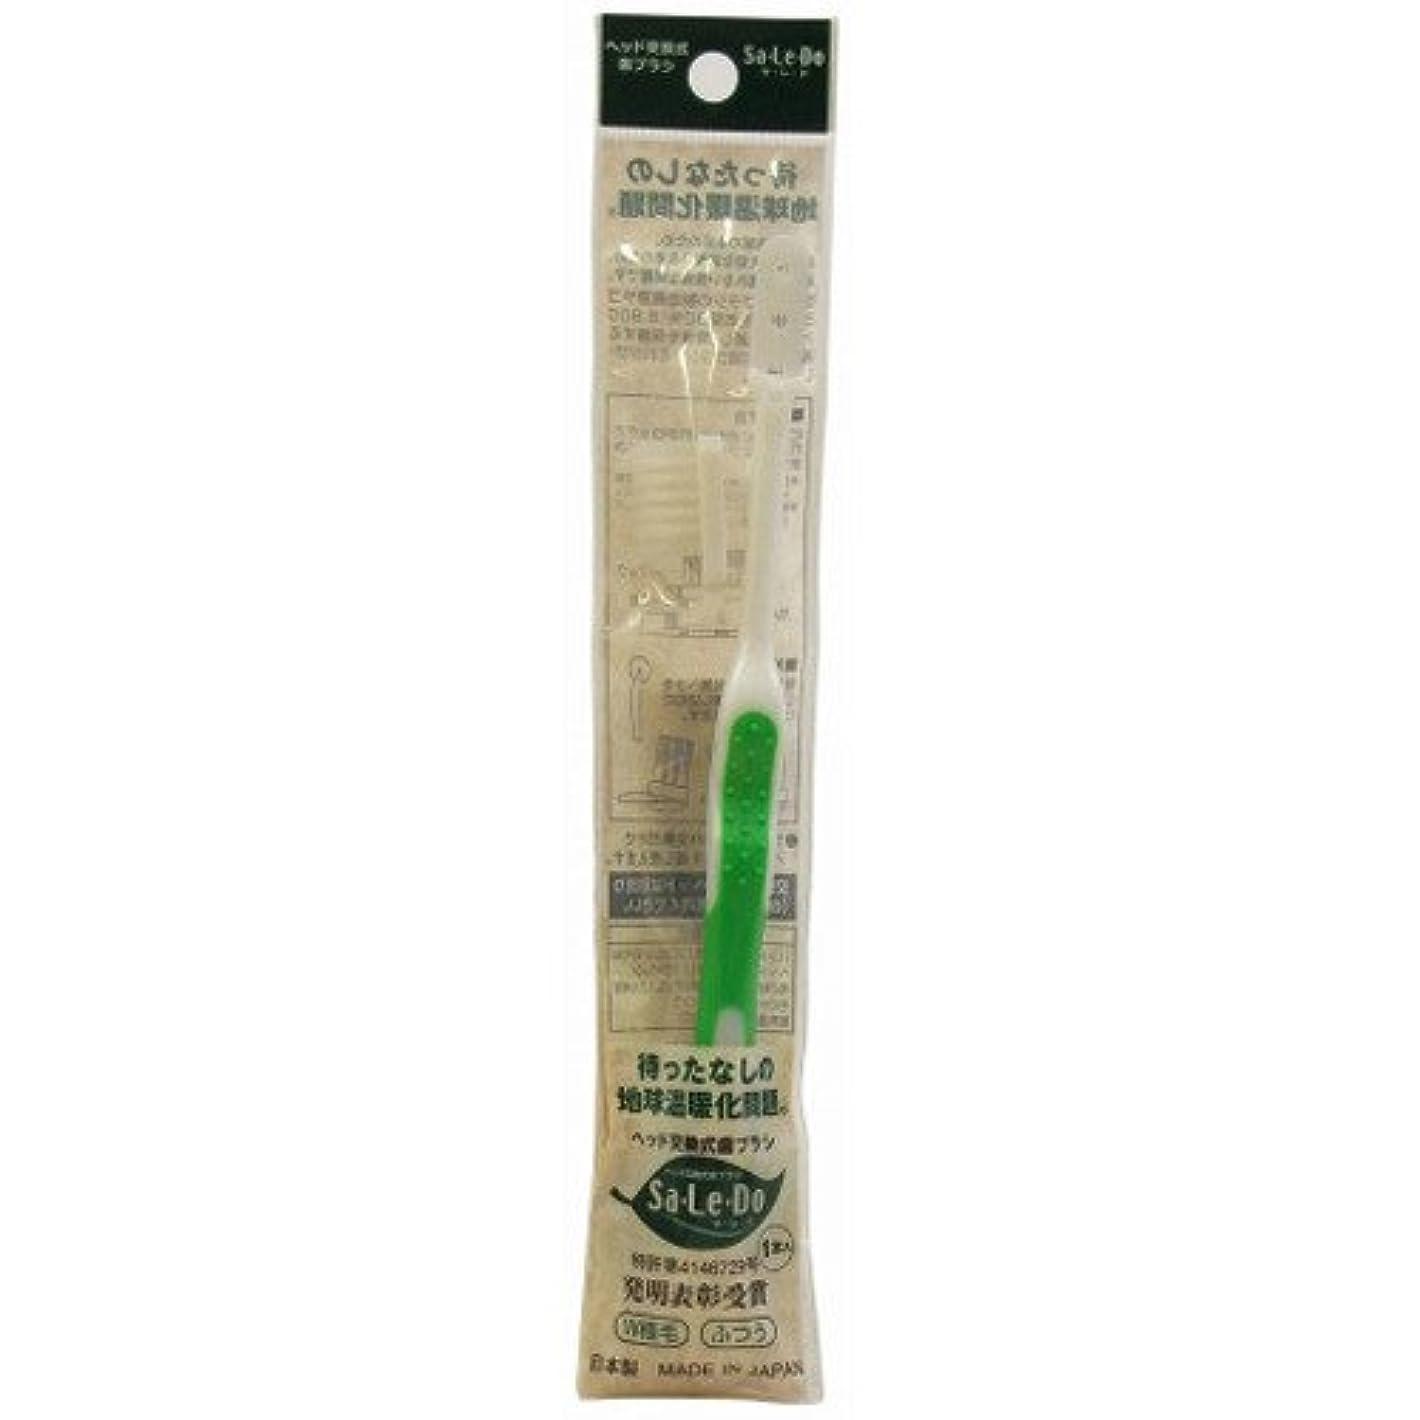 ぎこちないパーツ低いサレド ヘッド交換式歯ブラシ お試しセット レギュラーヘッド グリーン